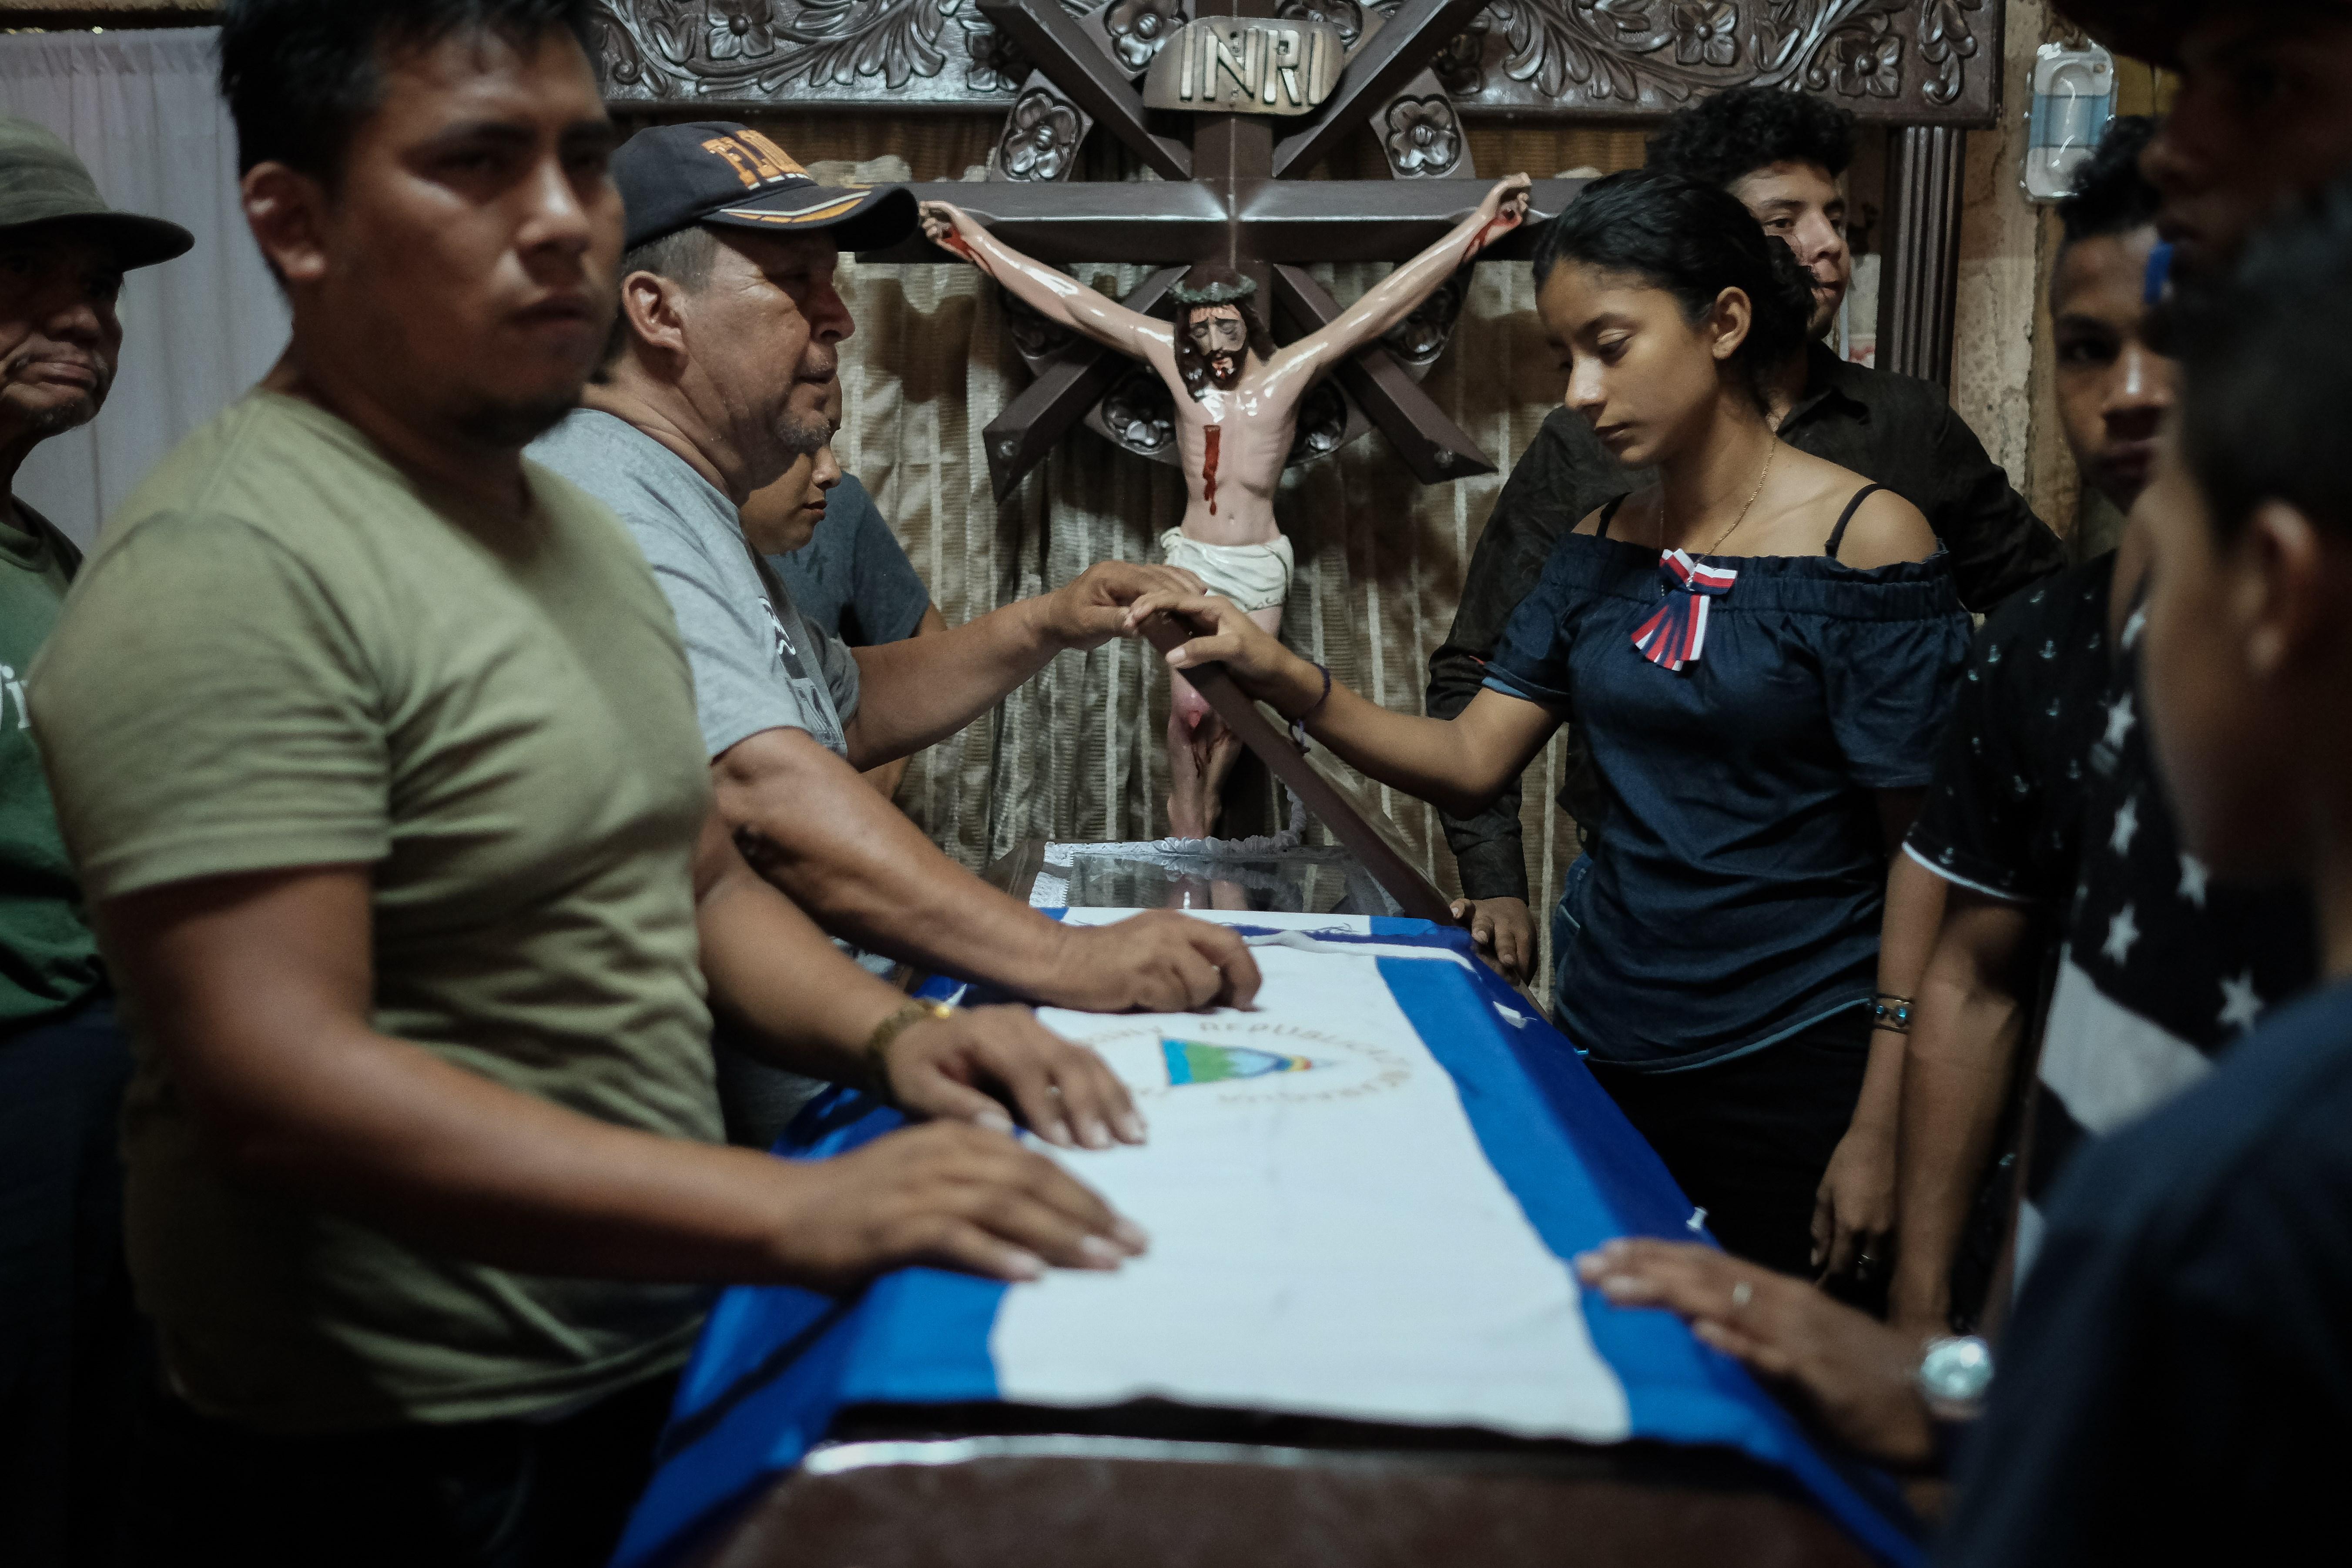 DECESO. José Ugarte López, opositor asesinado en un presunto enfrentamiento con la policía, fue sepultado el 2 de diciembre entre llanto y consignas en contra de Ortega. | Foto: Efe/Alberto González.